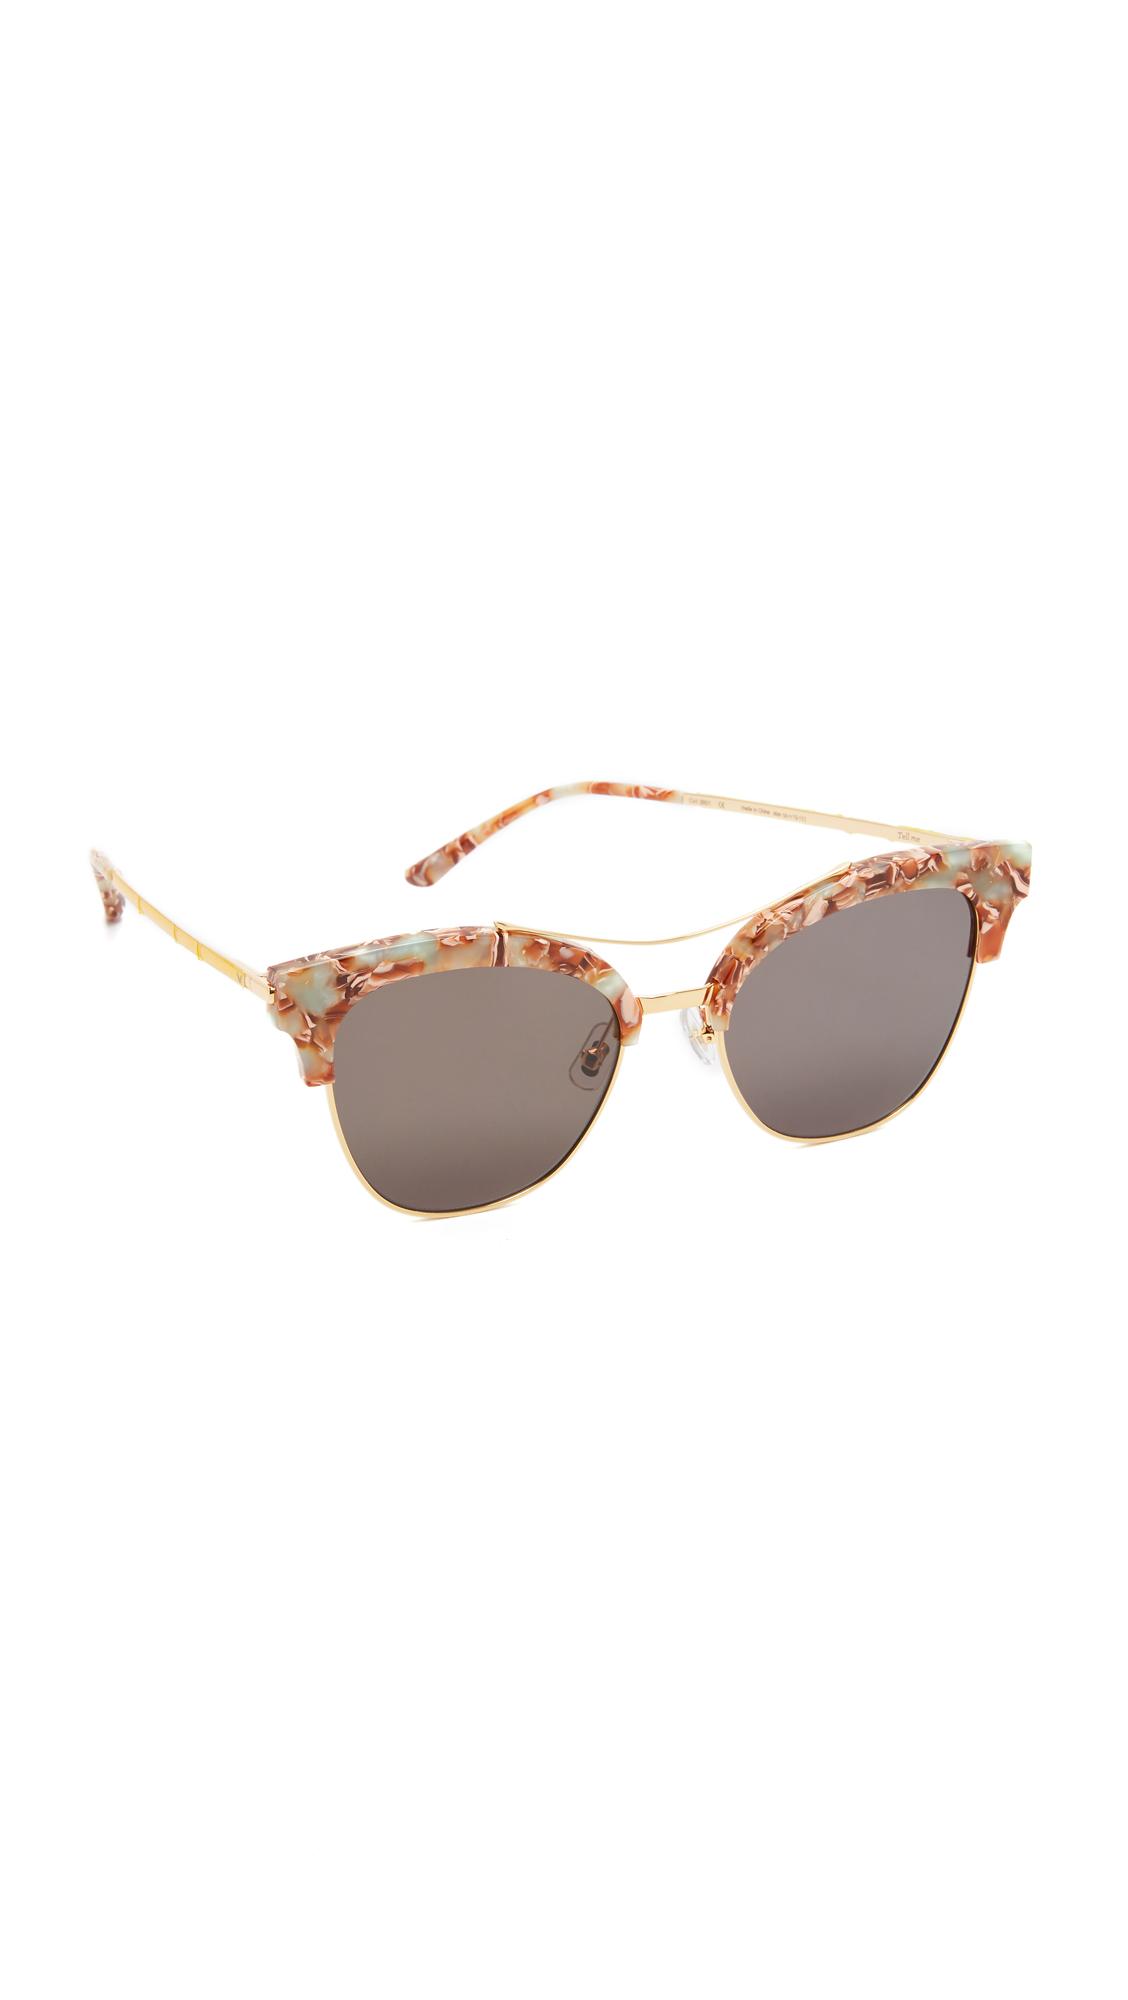 38e6cd24ab Gentle Monster Tell Me Sunglasses - Mint Multi Red